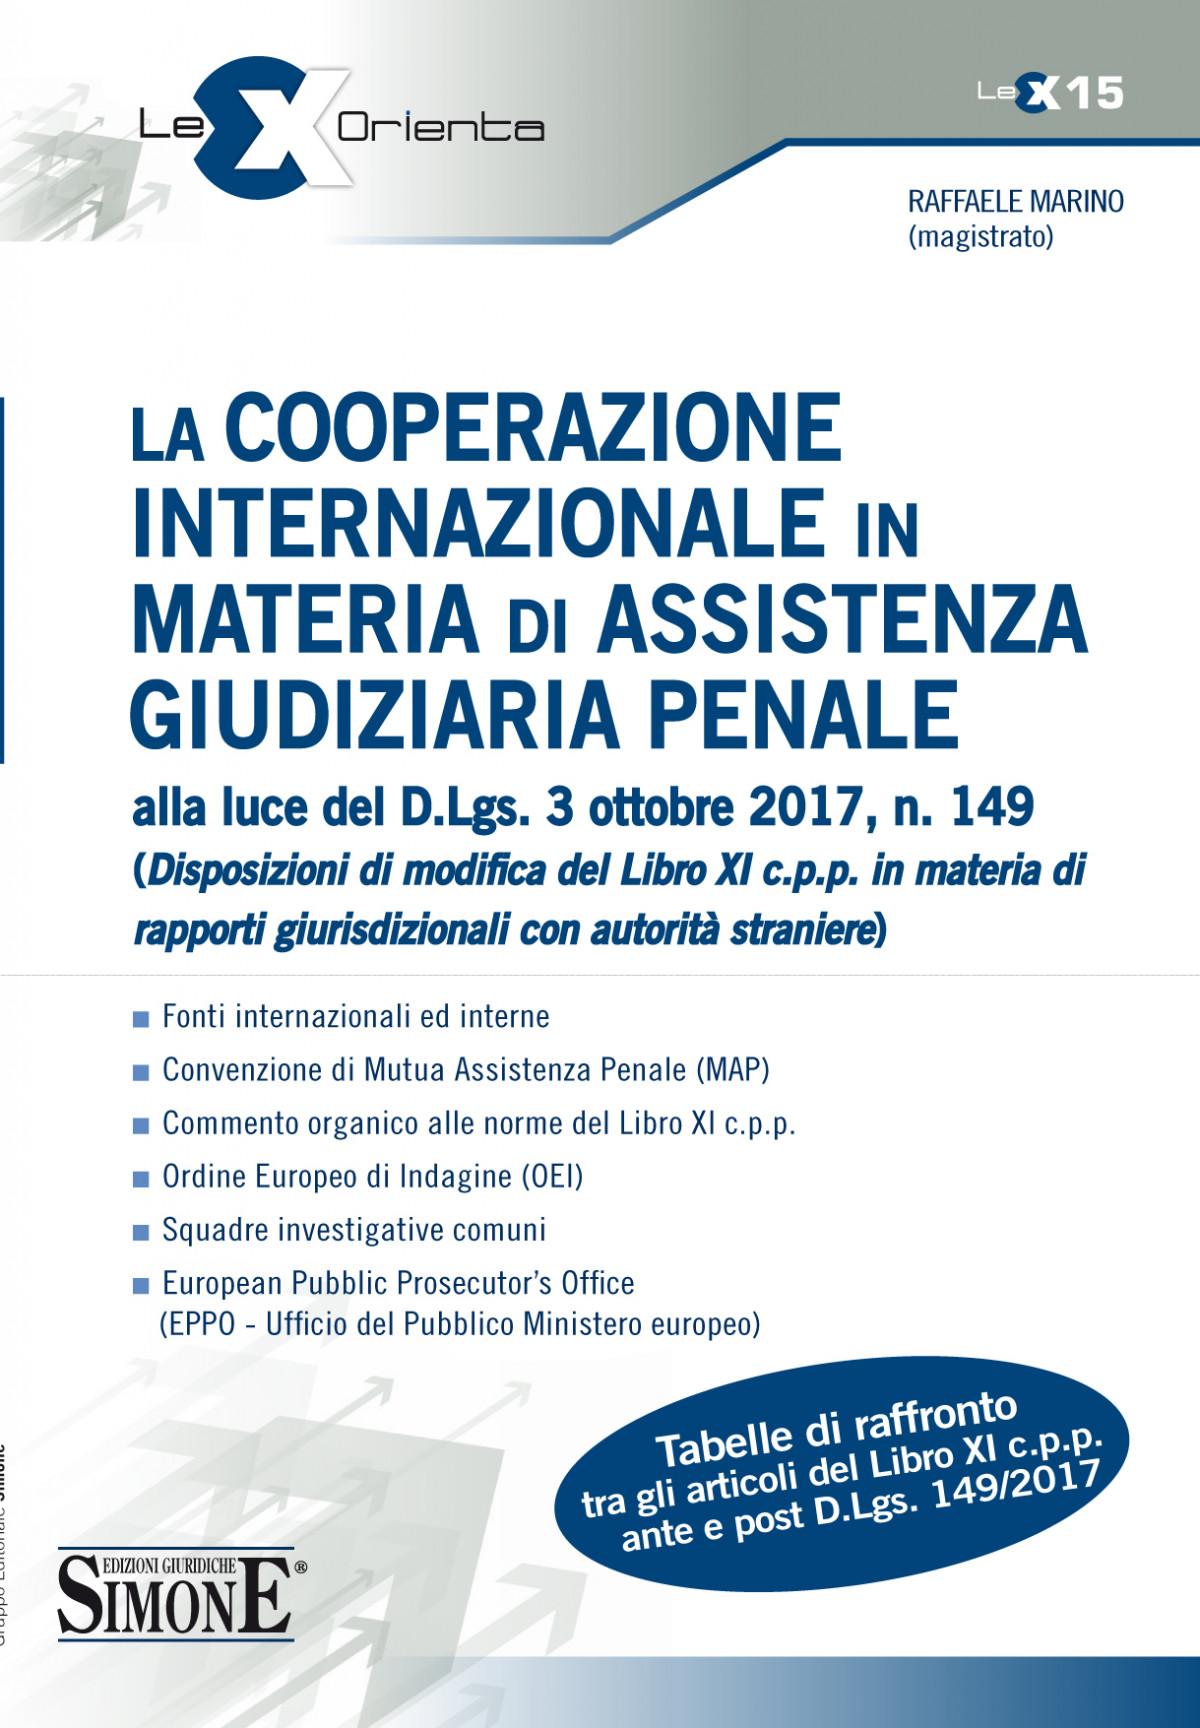 La cooperazione internazionale in materia di assistenza giudiziaria penale